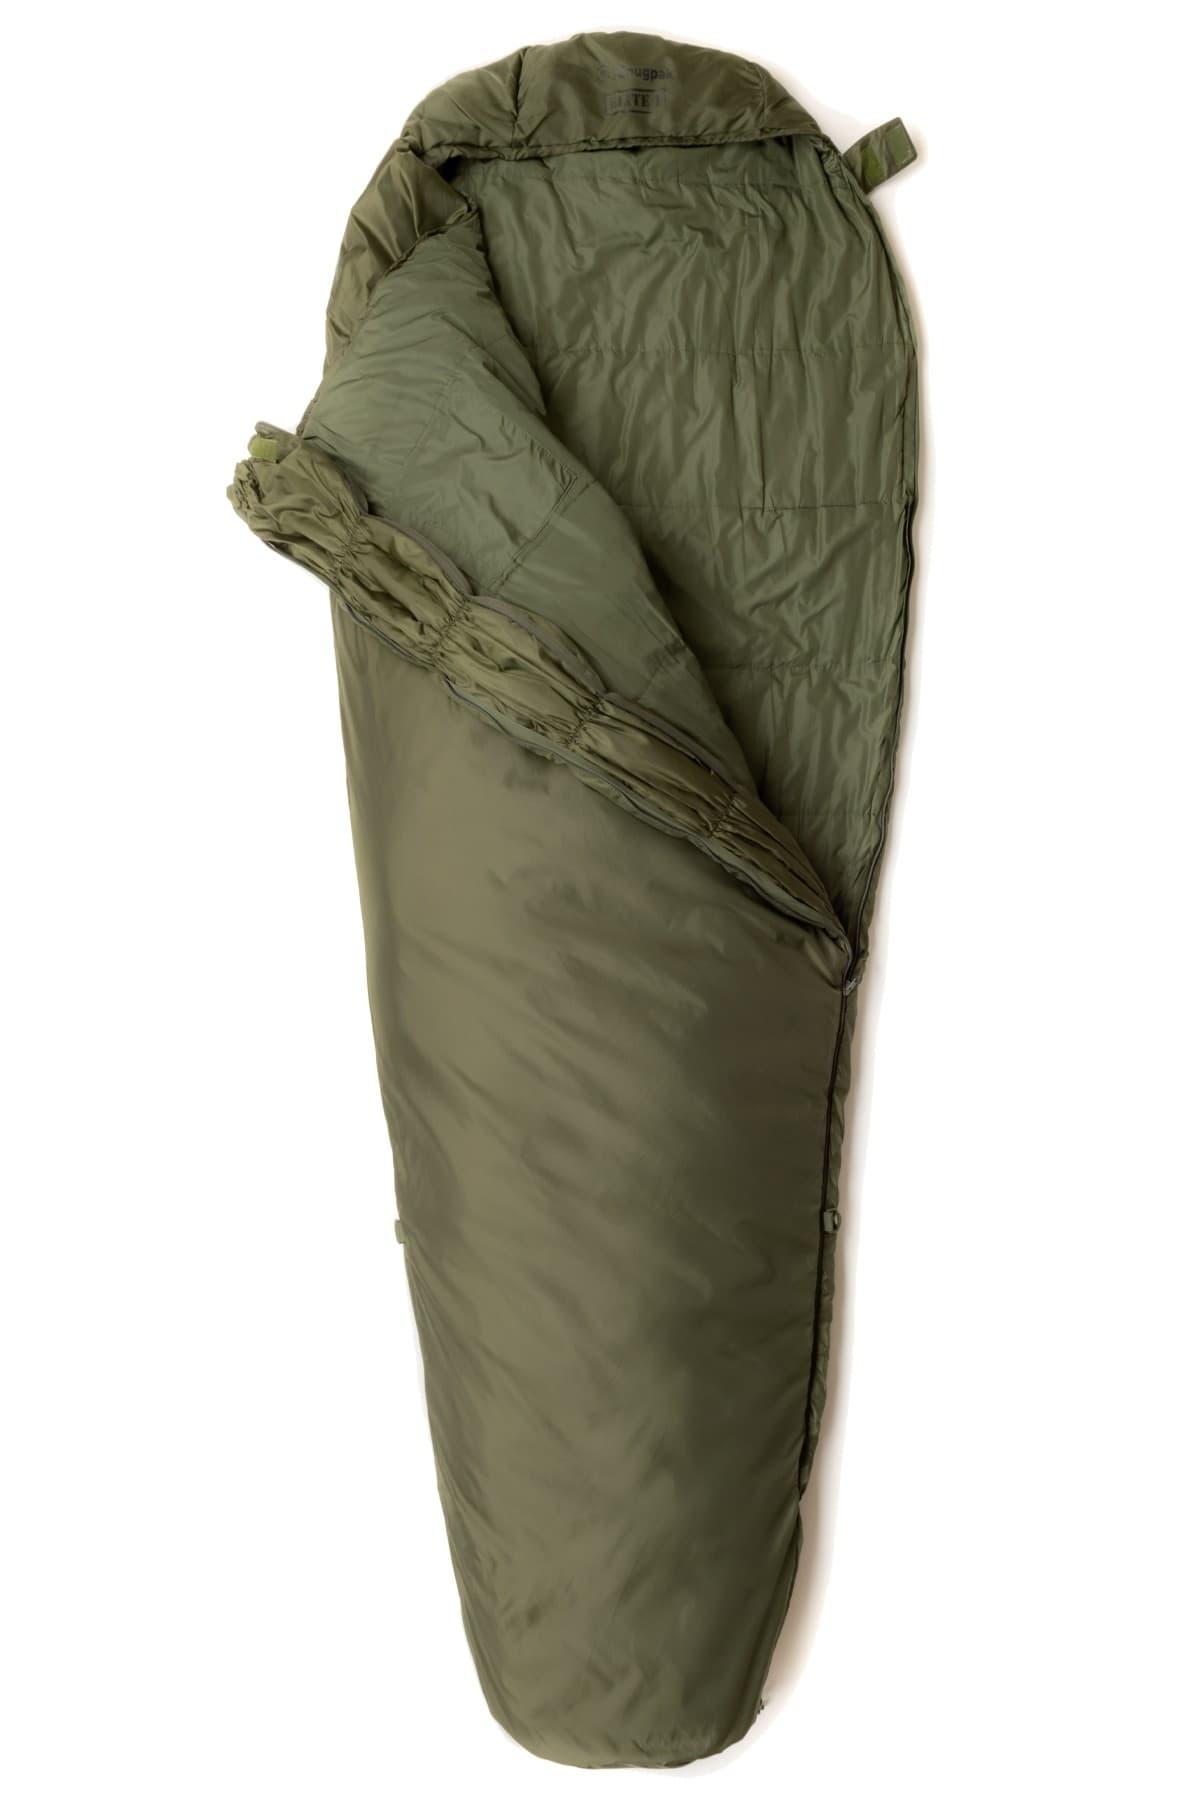 Snugpak Softie Elite 1 Sleeping Bag